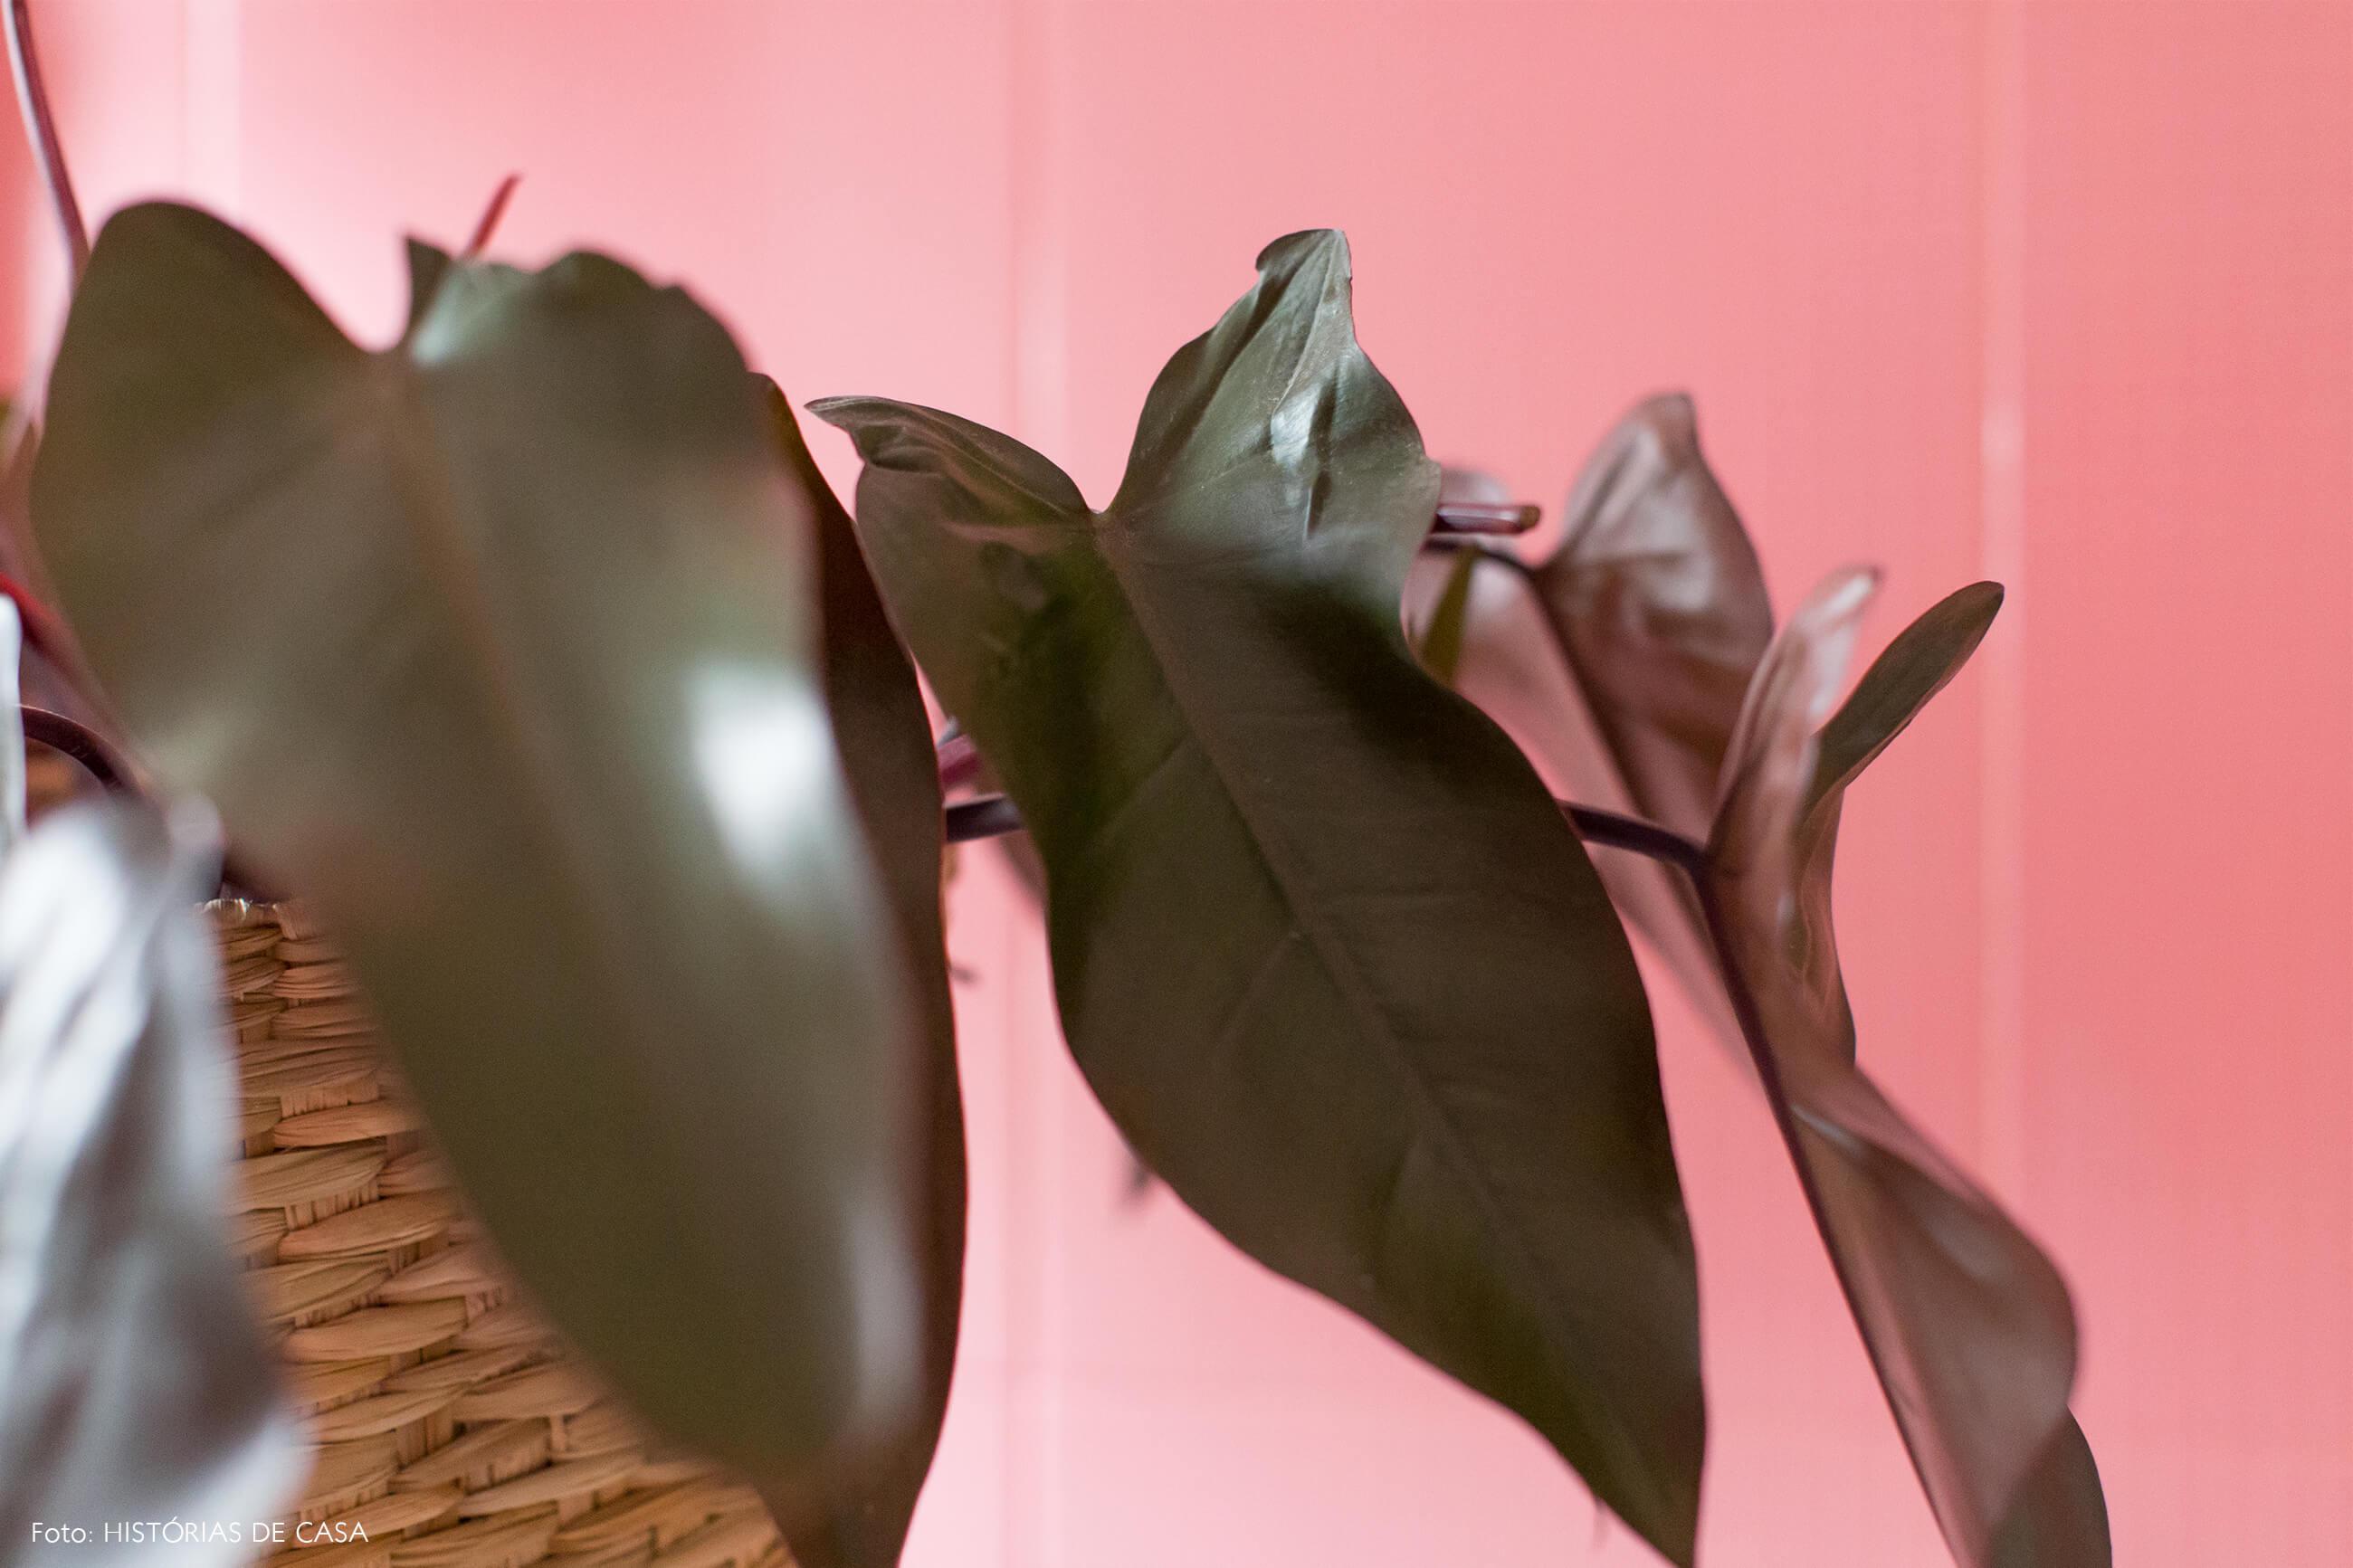 banheiro-parede-rosa-planta-cesto-palha